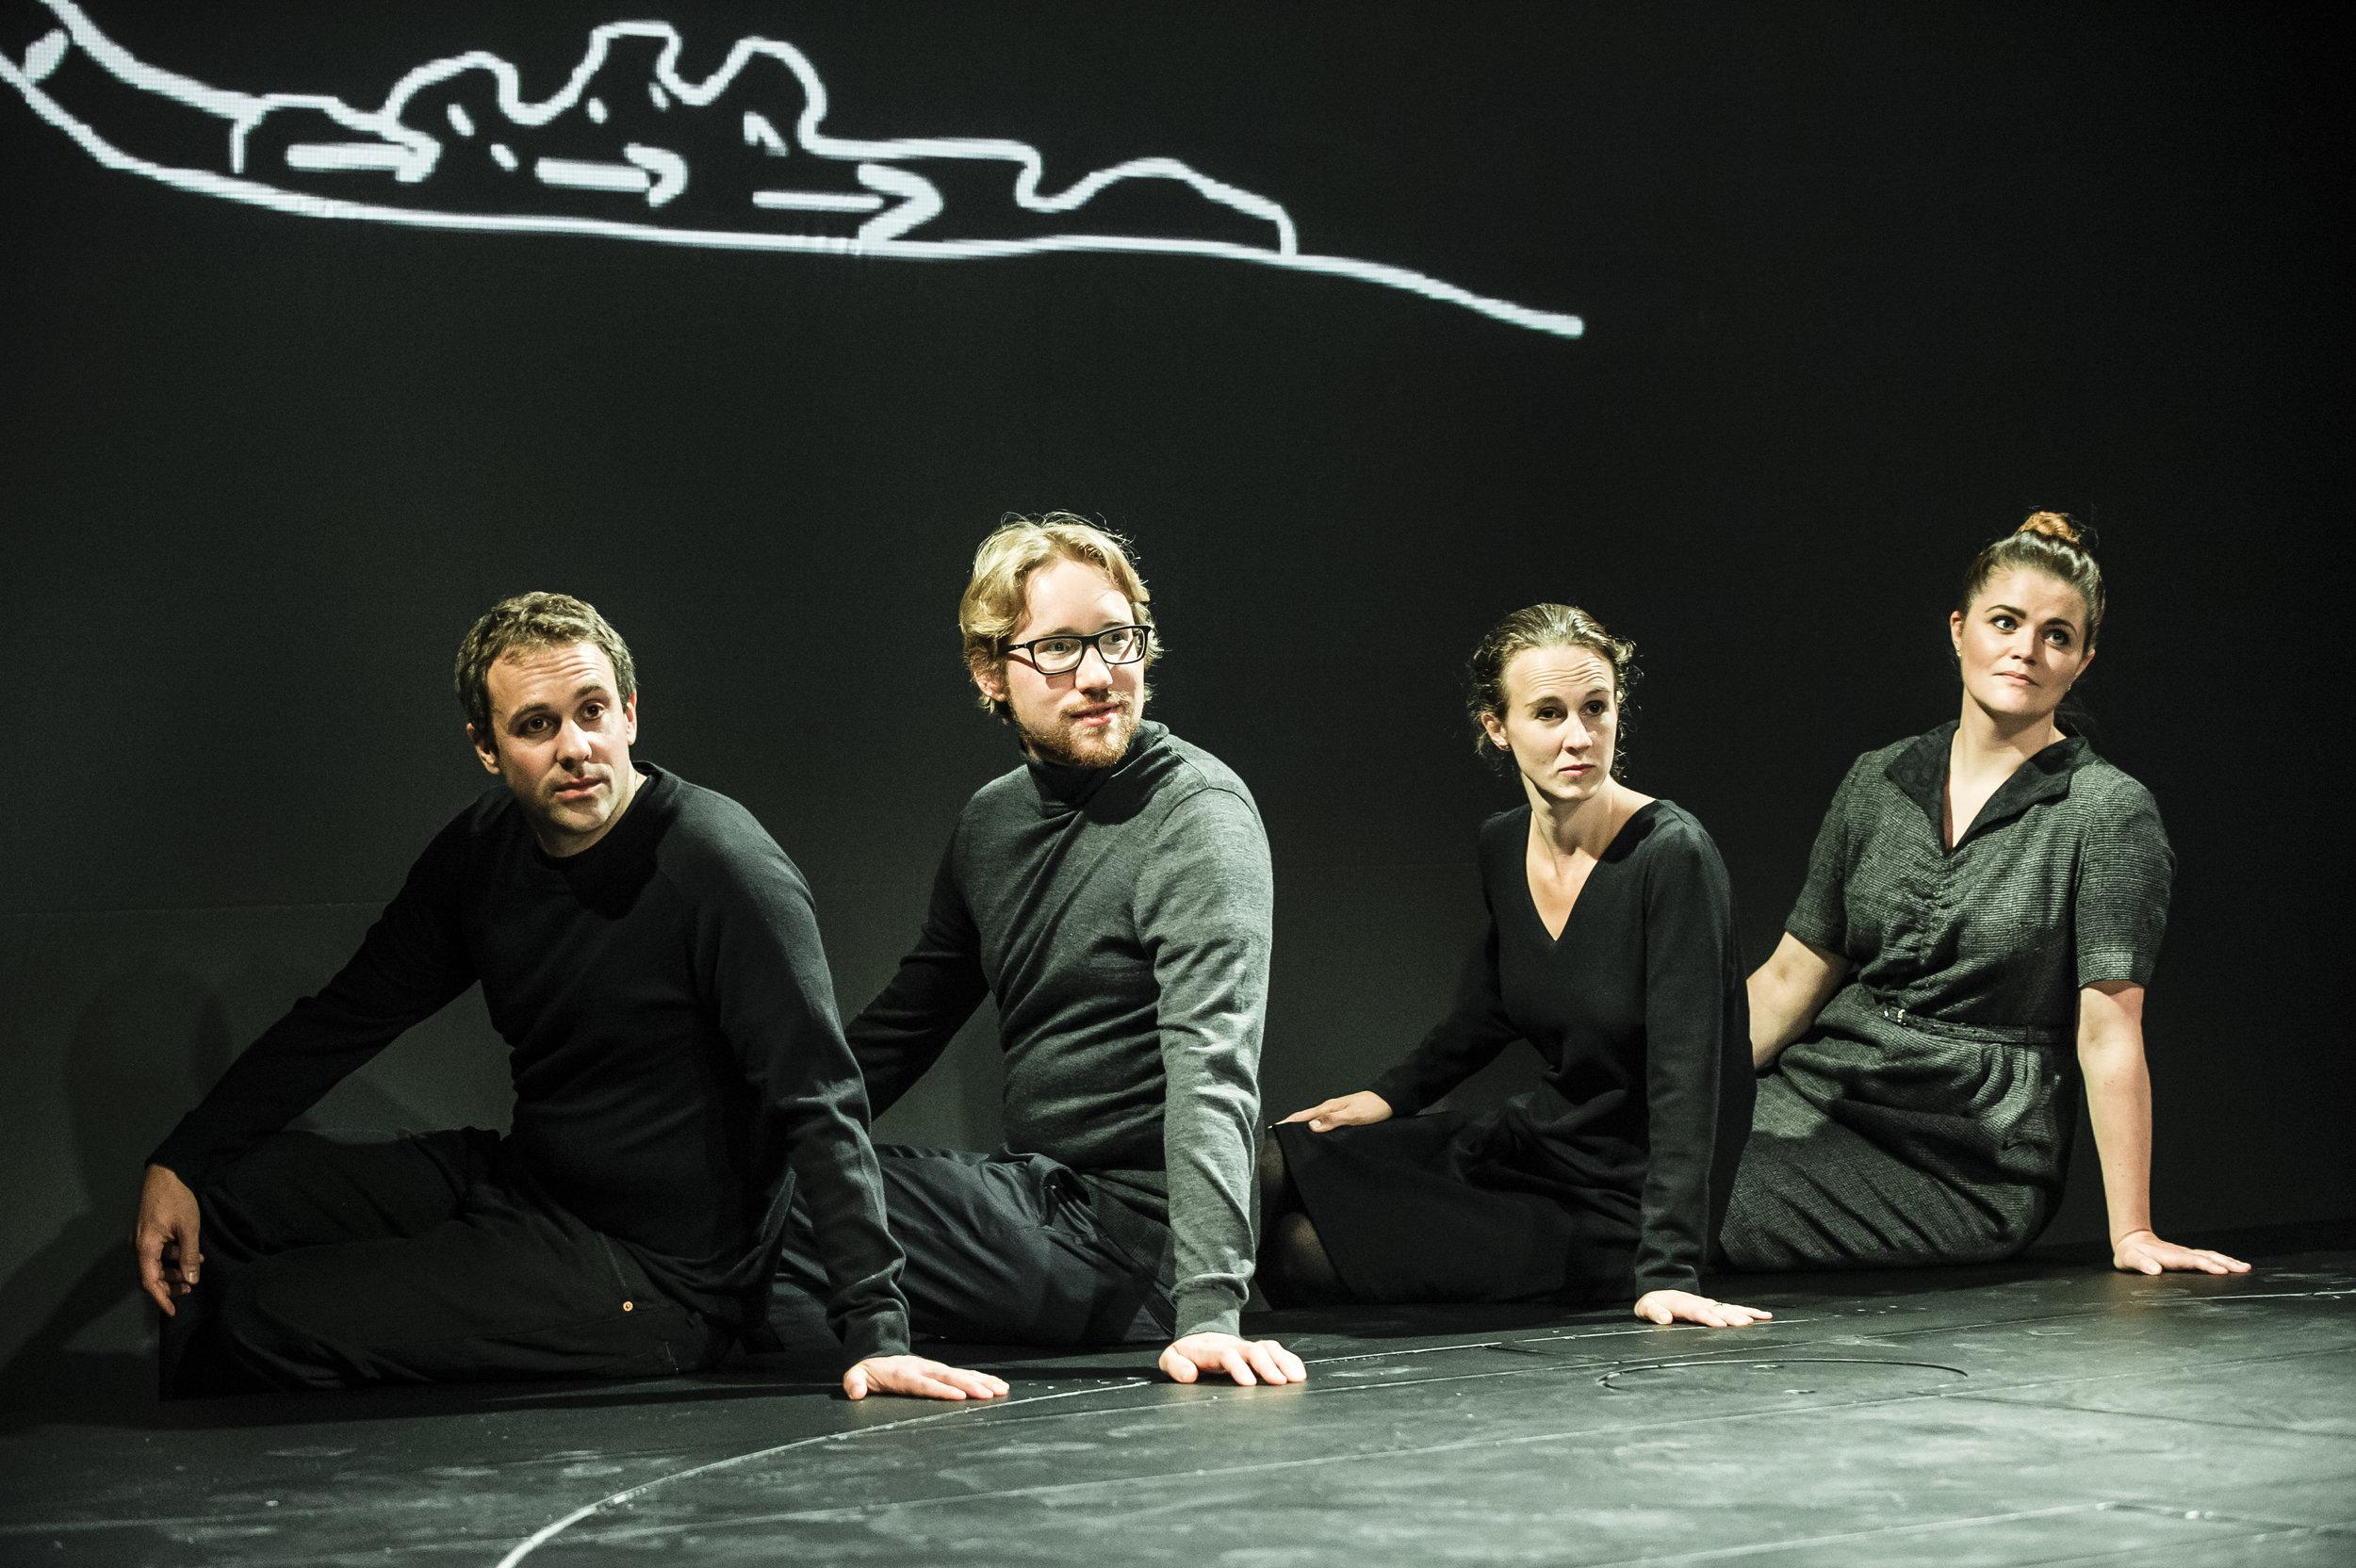 foto: Gisle Bjørneby/Hålogaland Teater